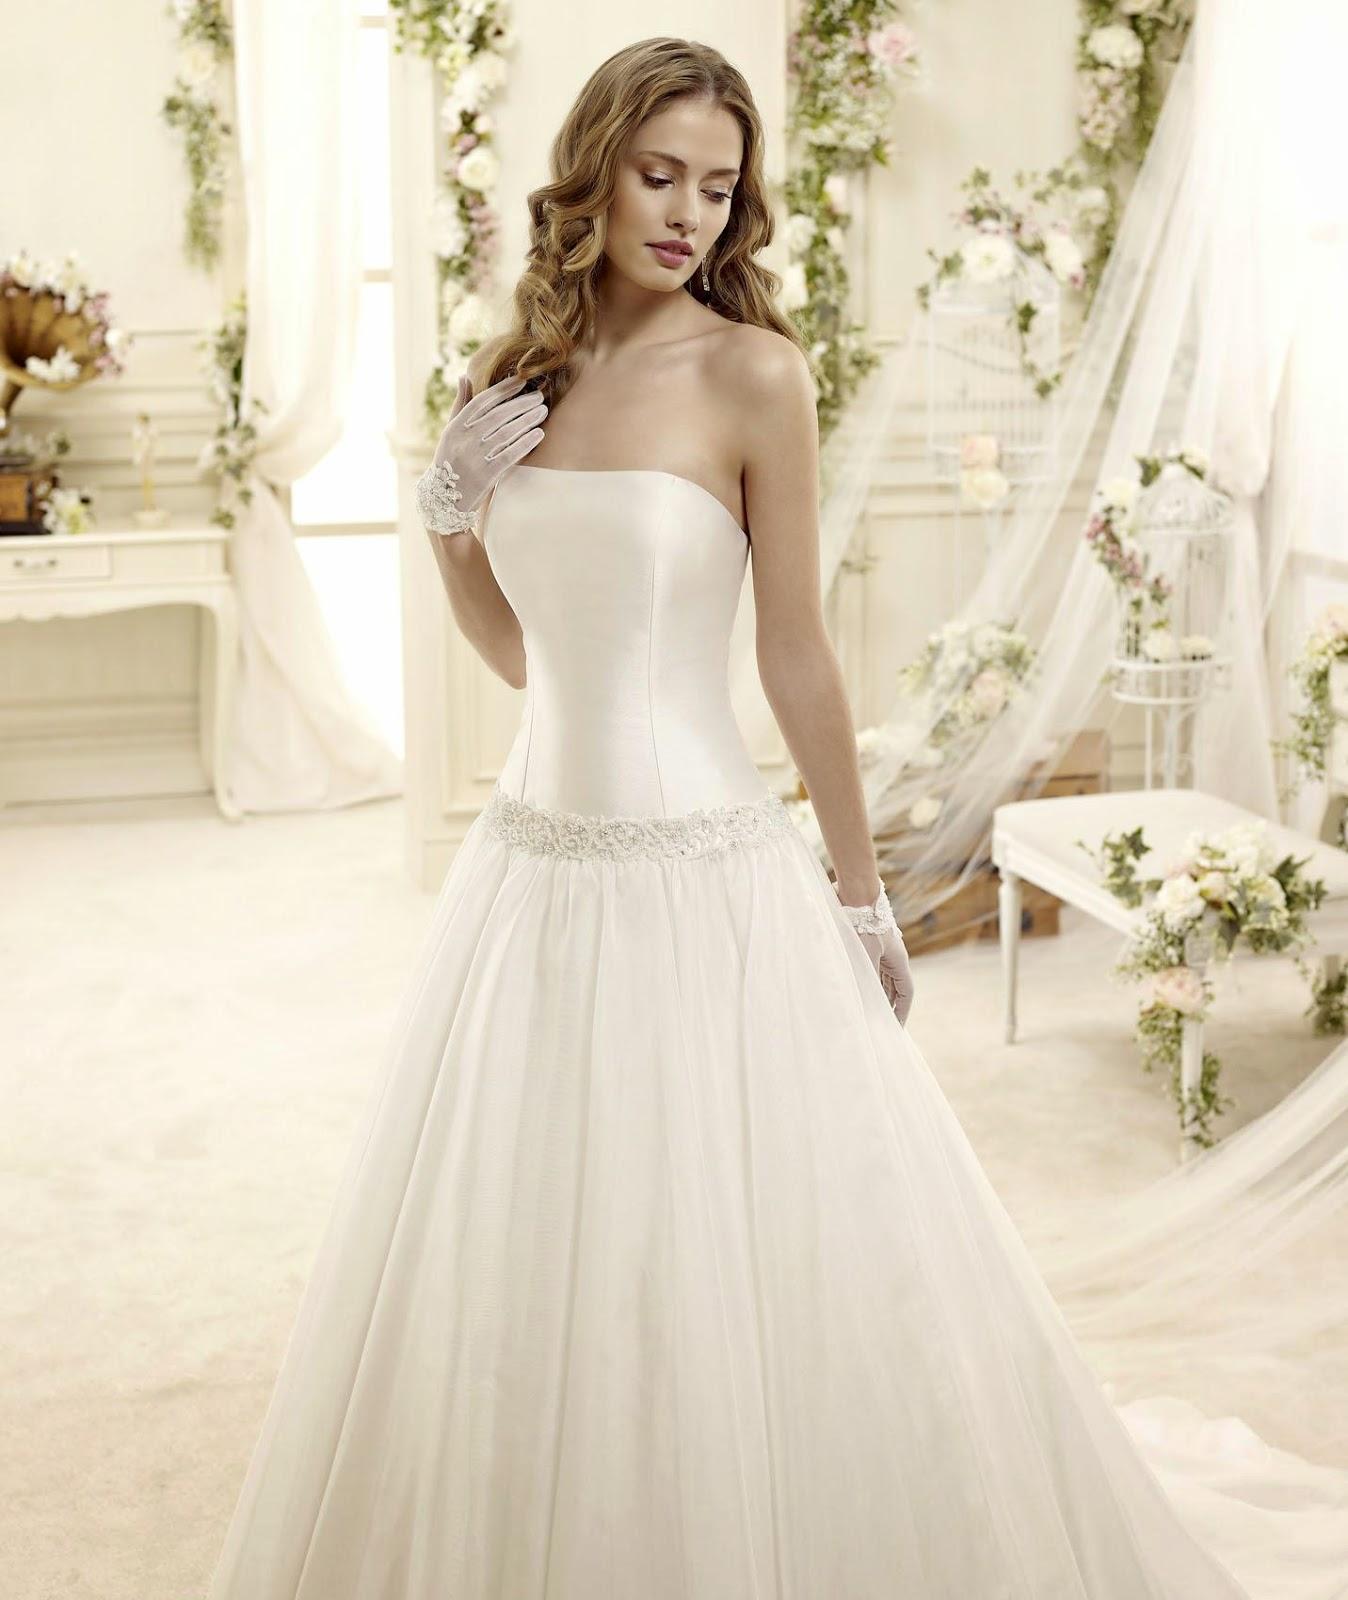 c043dbd49919 Guida ai modelli e alla scelta dell abito da sposa ~ My Wedding Life